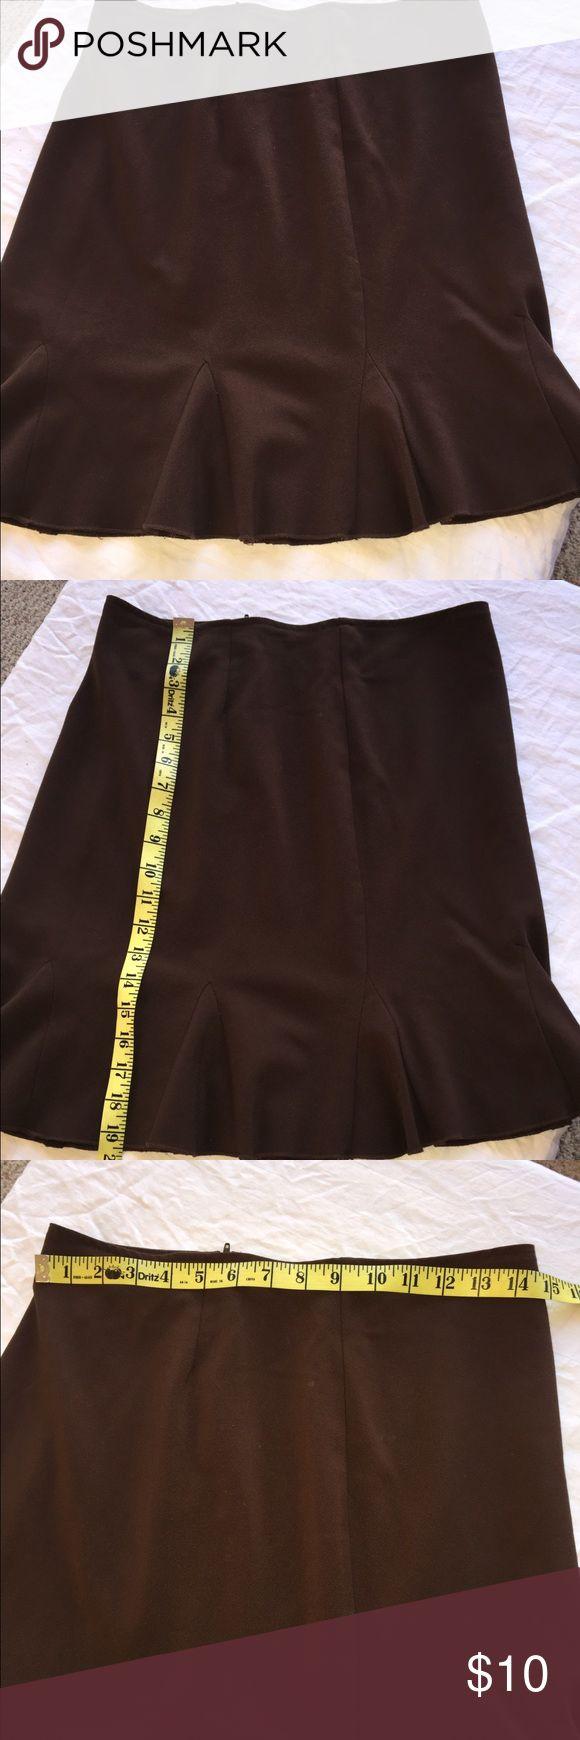 Studio Y size 5/6 brown tulip skirt Very cute tulip skirt by Studio Y. Chocolate brown color with a back zipper Studio Y Skirts Midi